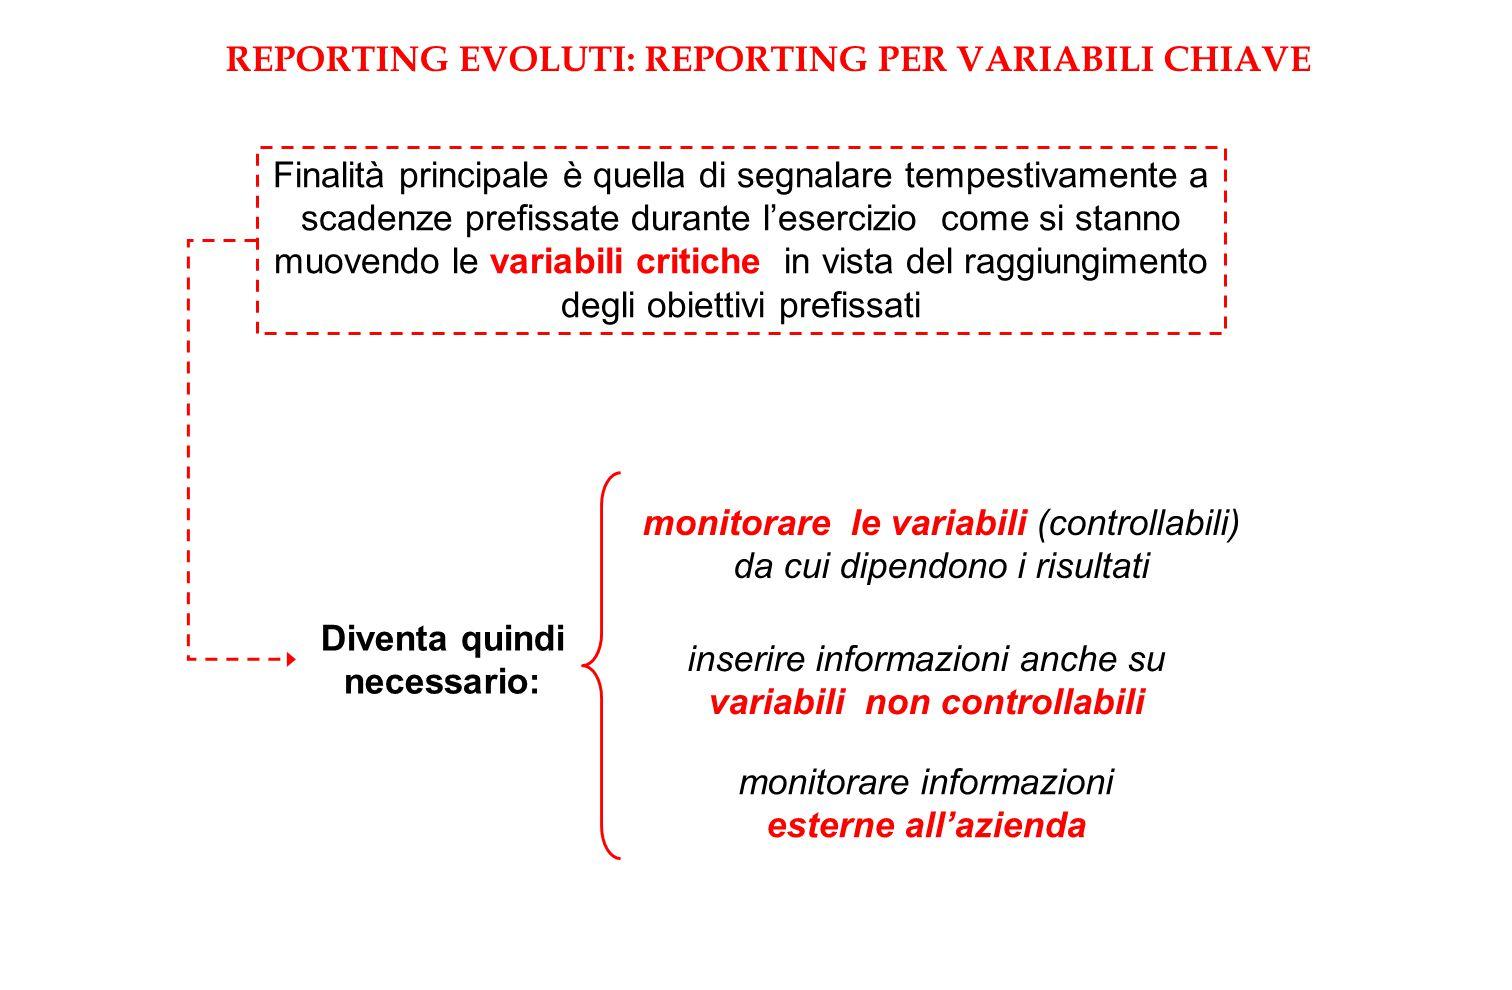 REPORTING EVOLUTI: REPORTING PER VARIABILI CHIAVE Finalità principale è quella di segnalare tempestivamente a scadenze prefissate durante l'esercizio